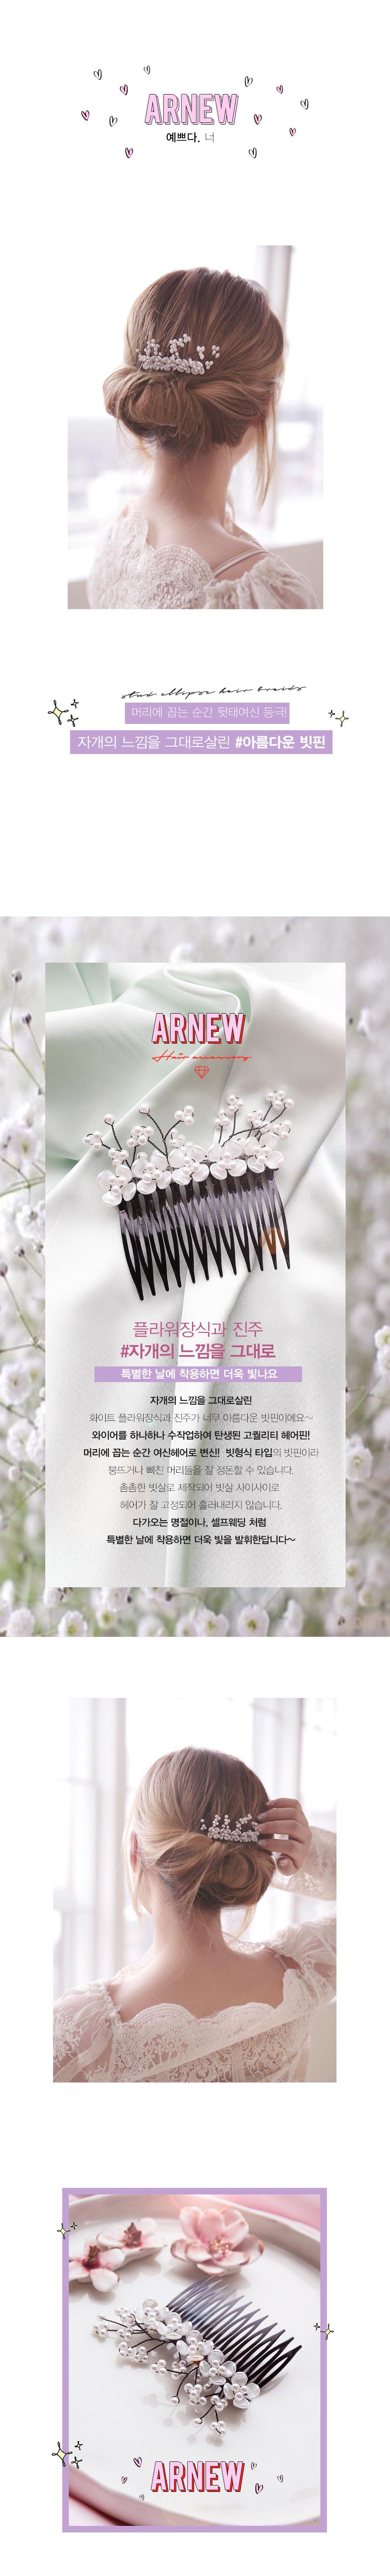 벚꽃 웨딩 한복 빗핀 비녀 - 아르뉴, 17,500원, 헤어핀/밴드/끈, 헤어핀/끈